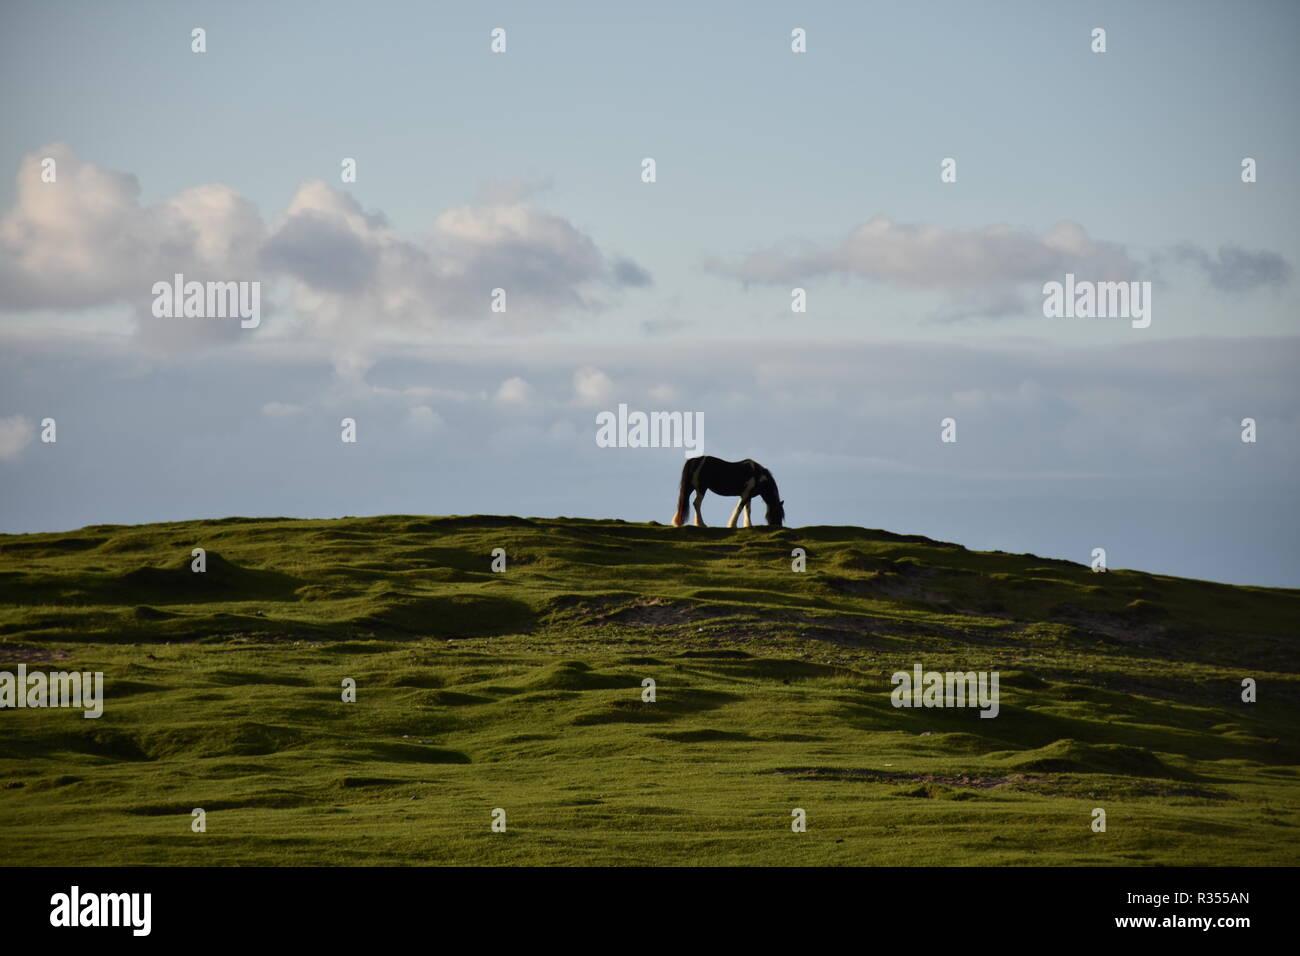 Pferd, Hügel, Kuppe, grasen, fressen, Weide, Wiese, Landwirtschaft, Ross, Norwegen, Lofoten, Fjordpferd, Flakstad, Jahreszeit, Sommer, Herbst, Leknes, Stockbild